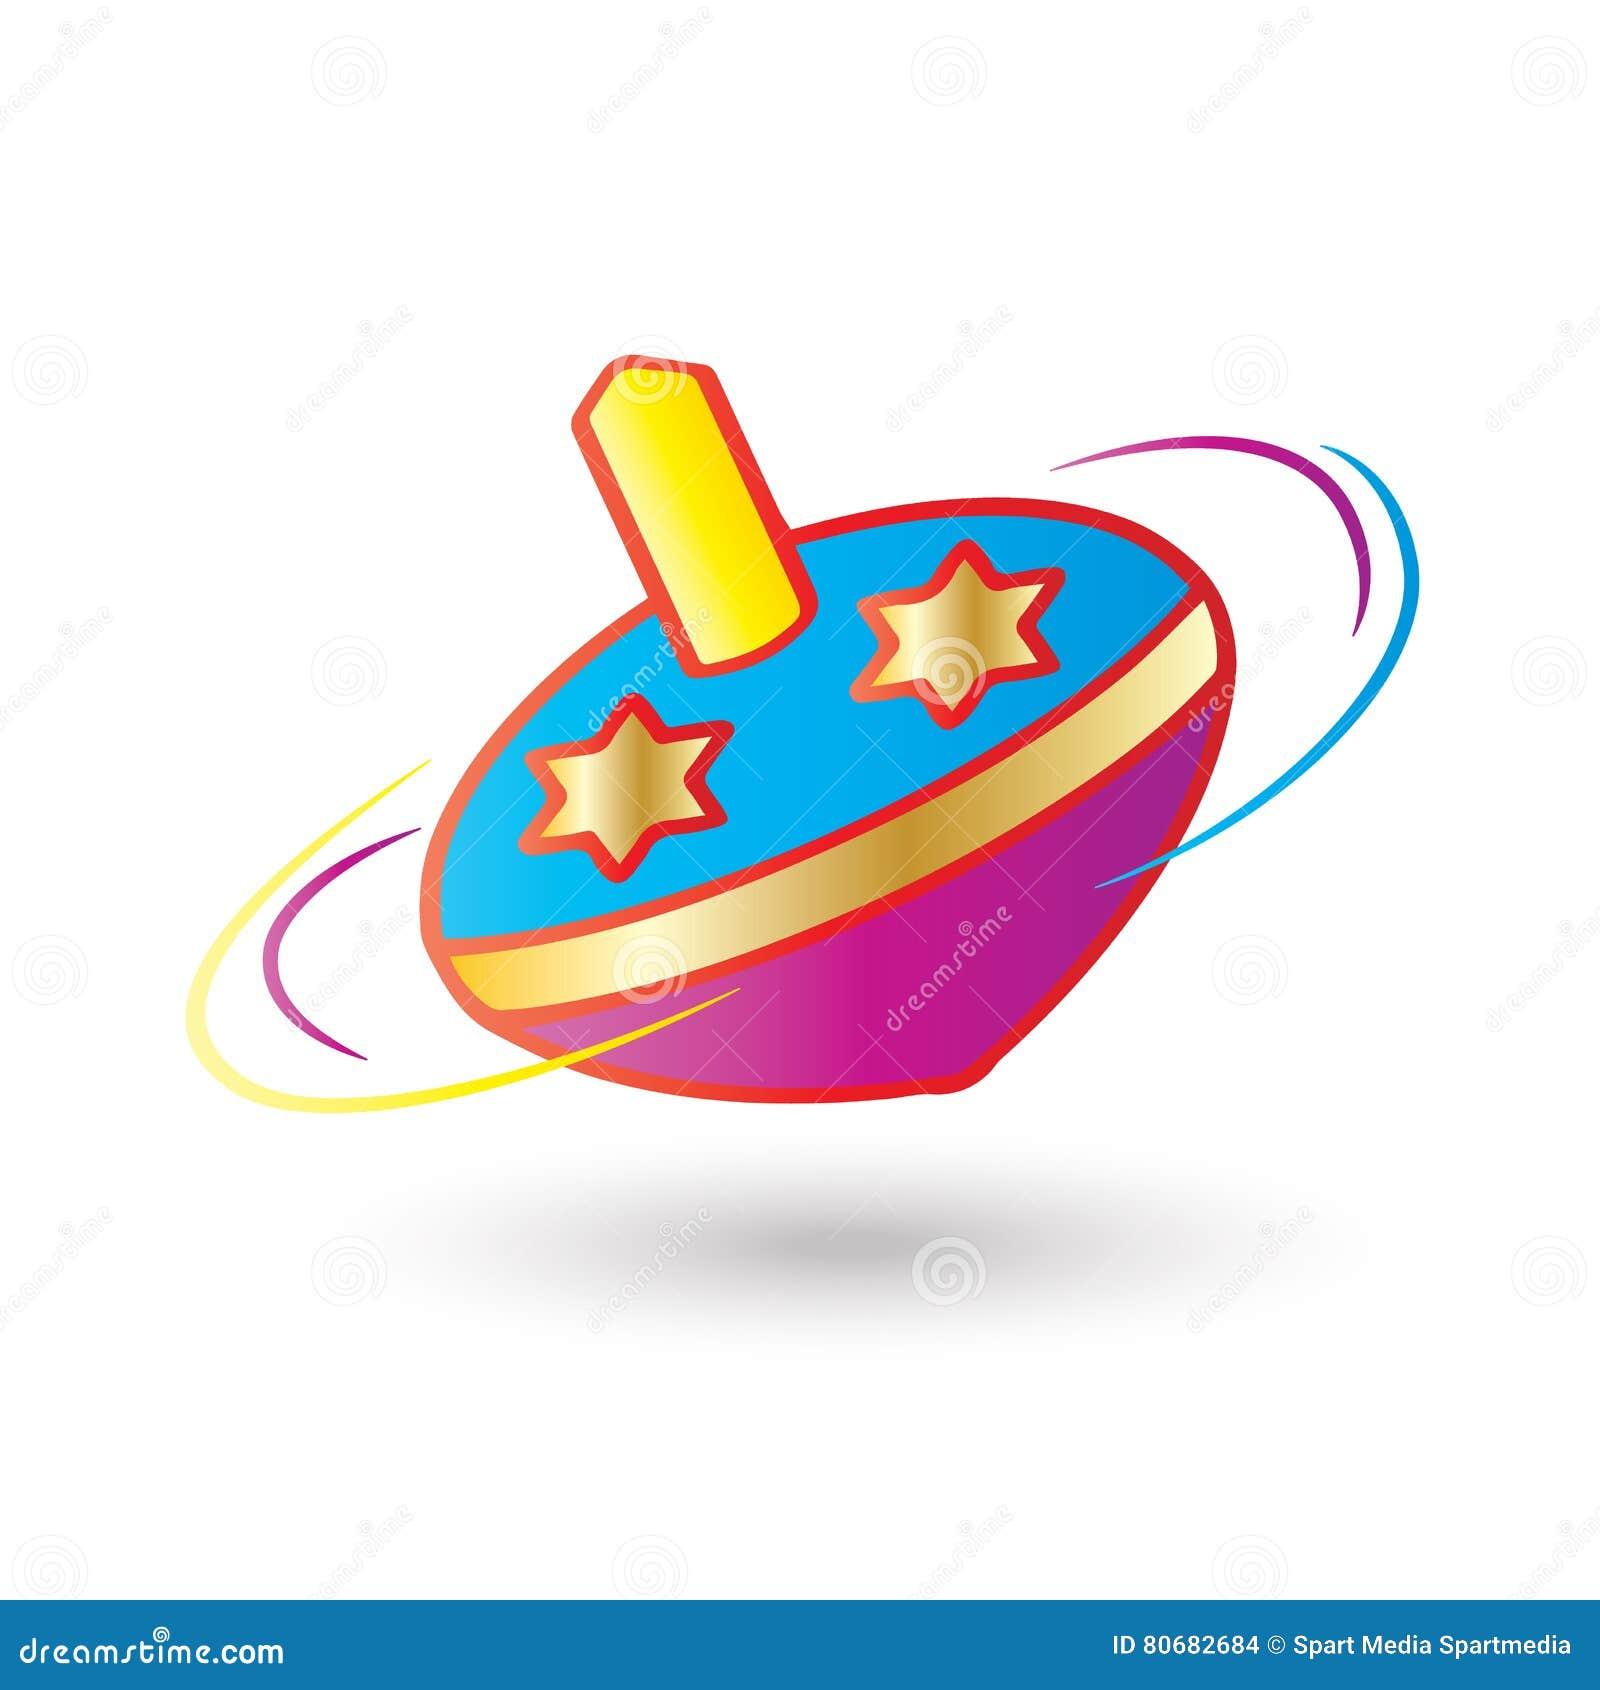 Hanukkah Spinning Top Stock Vector Illustration Of Donut 80682684